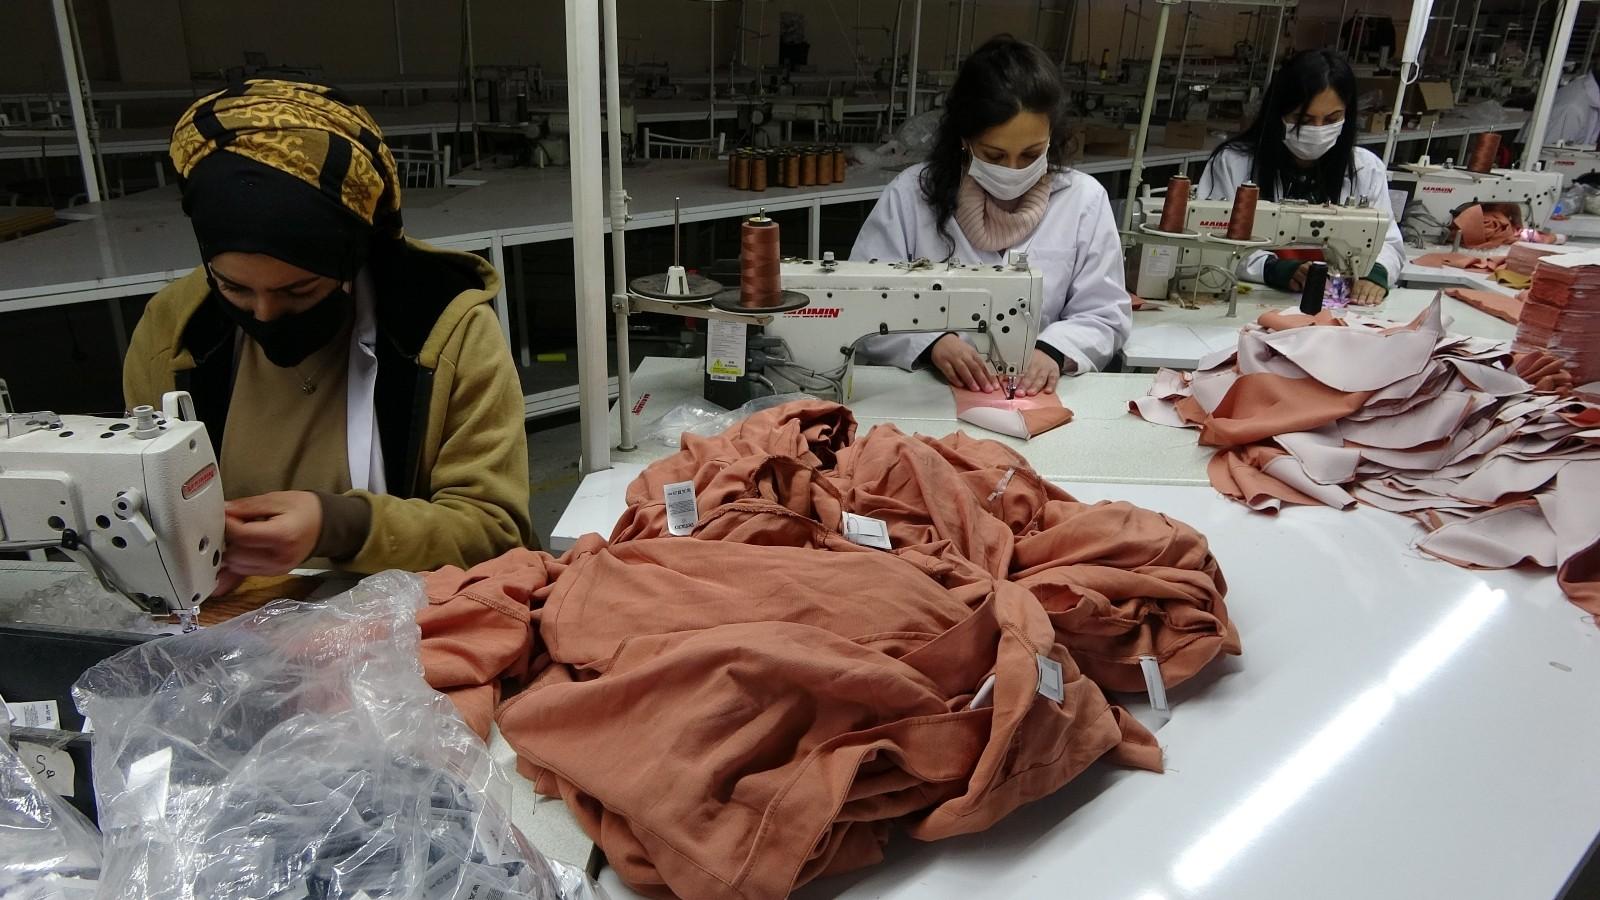 Hakkari Yüksekova'da üretilen tekstil ürünleri 18 ülkeye ihraç ediliyor!